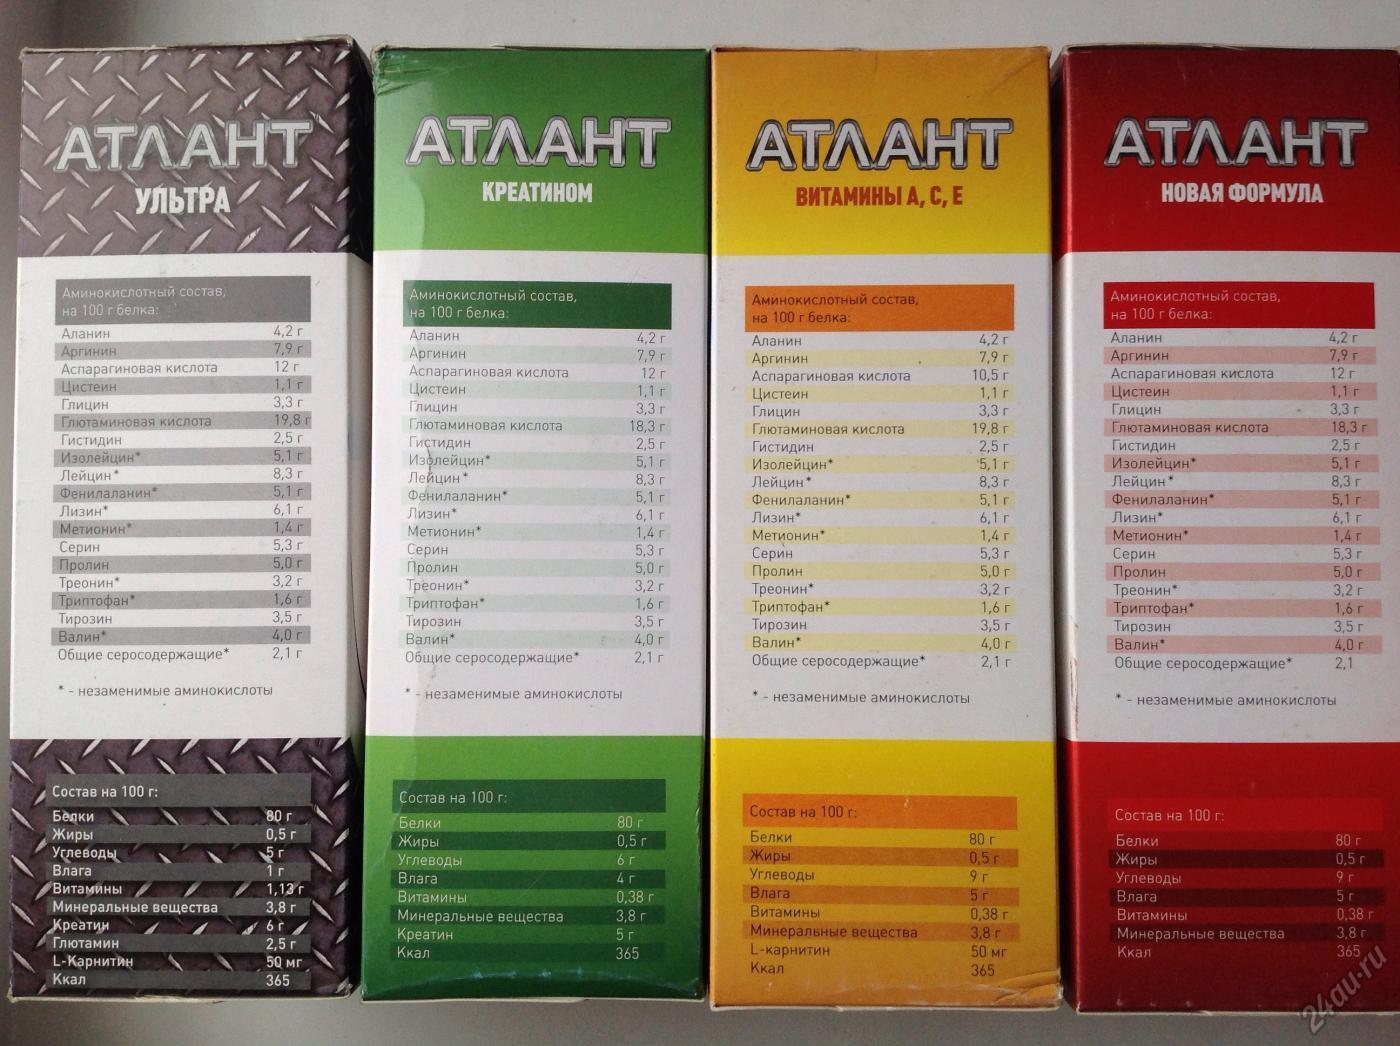 Калорийность протеин [атлант]. химический состав и пищевая ценность